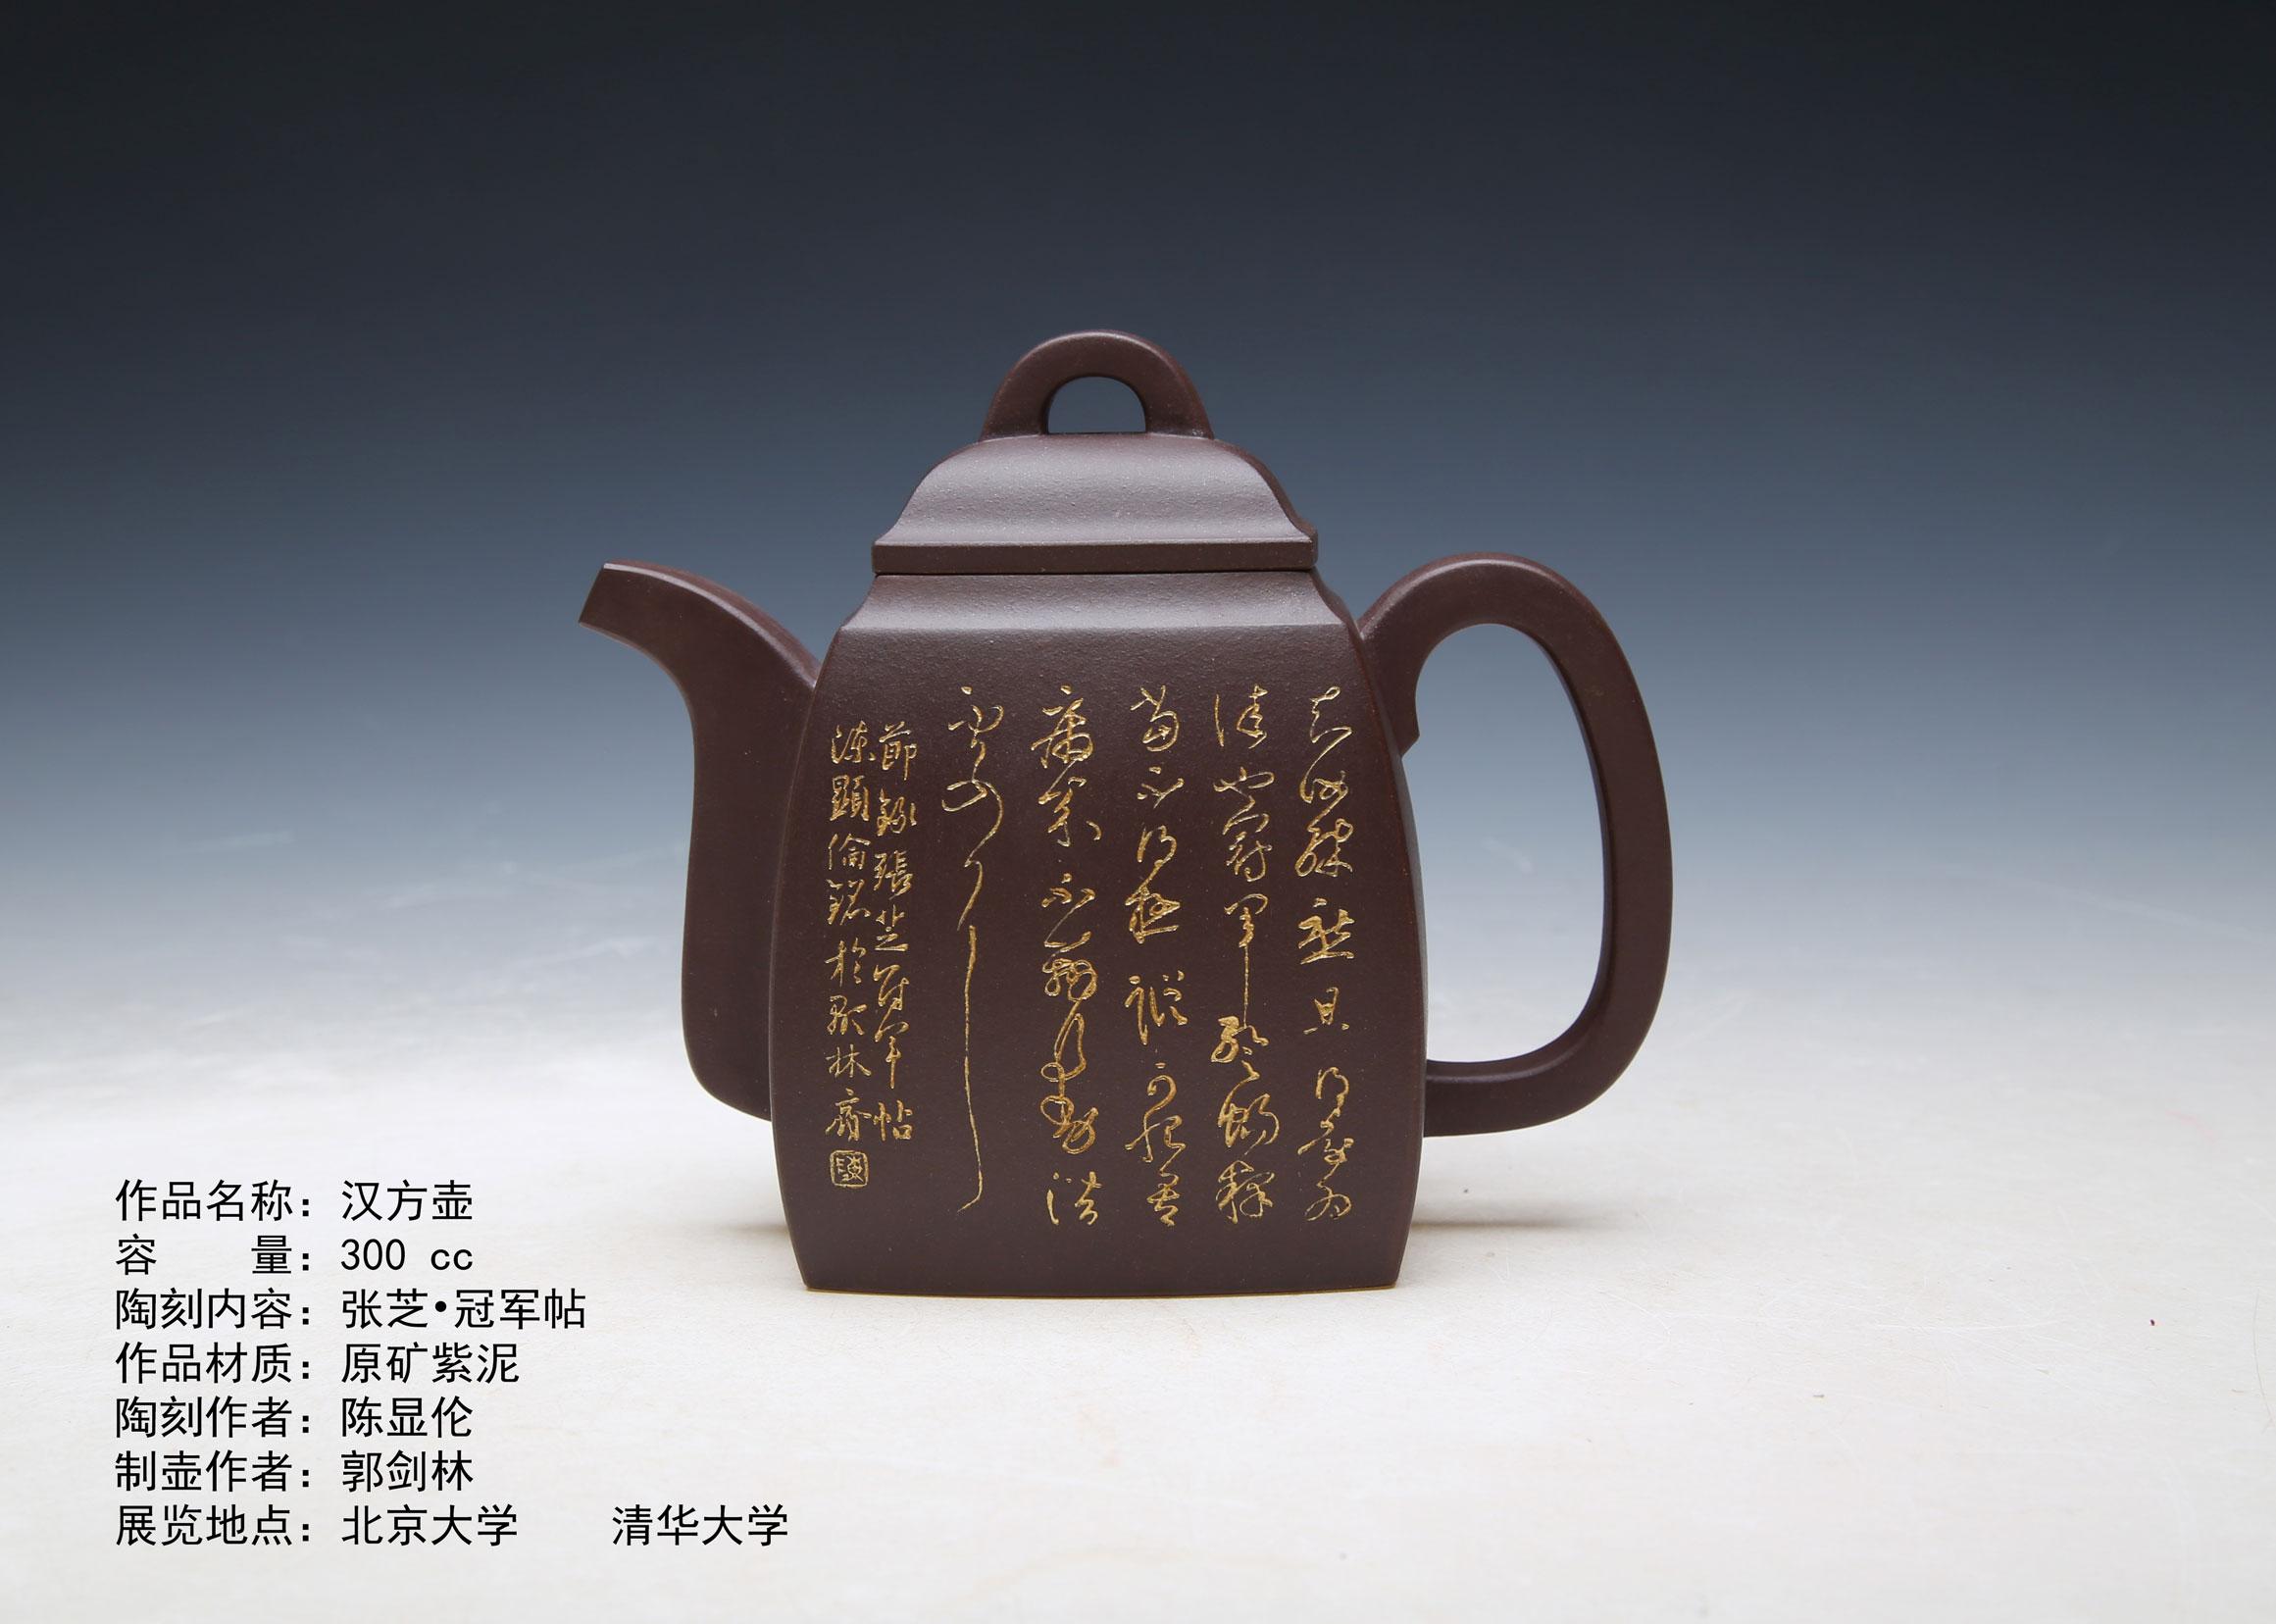 紫砂茶壺 陶刻家陳顯倫創作的漢方壺